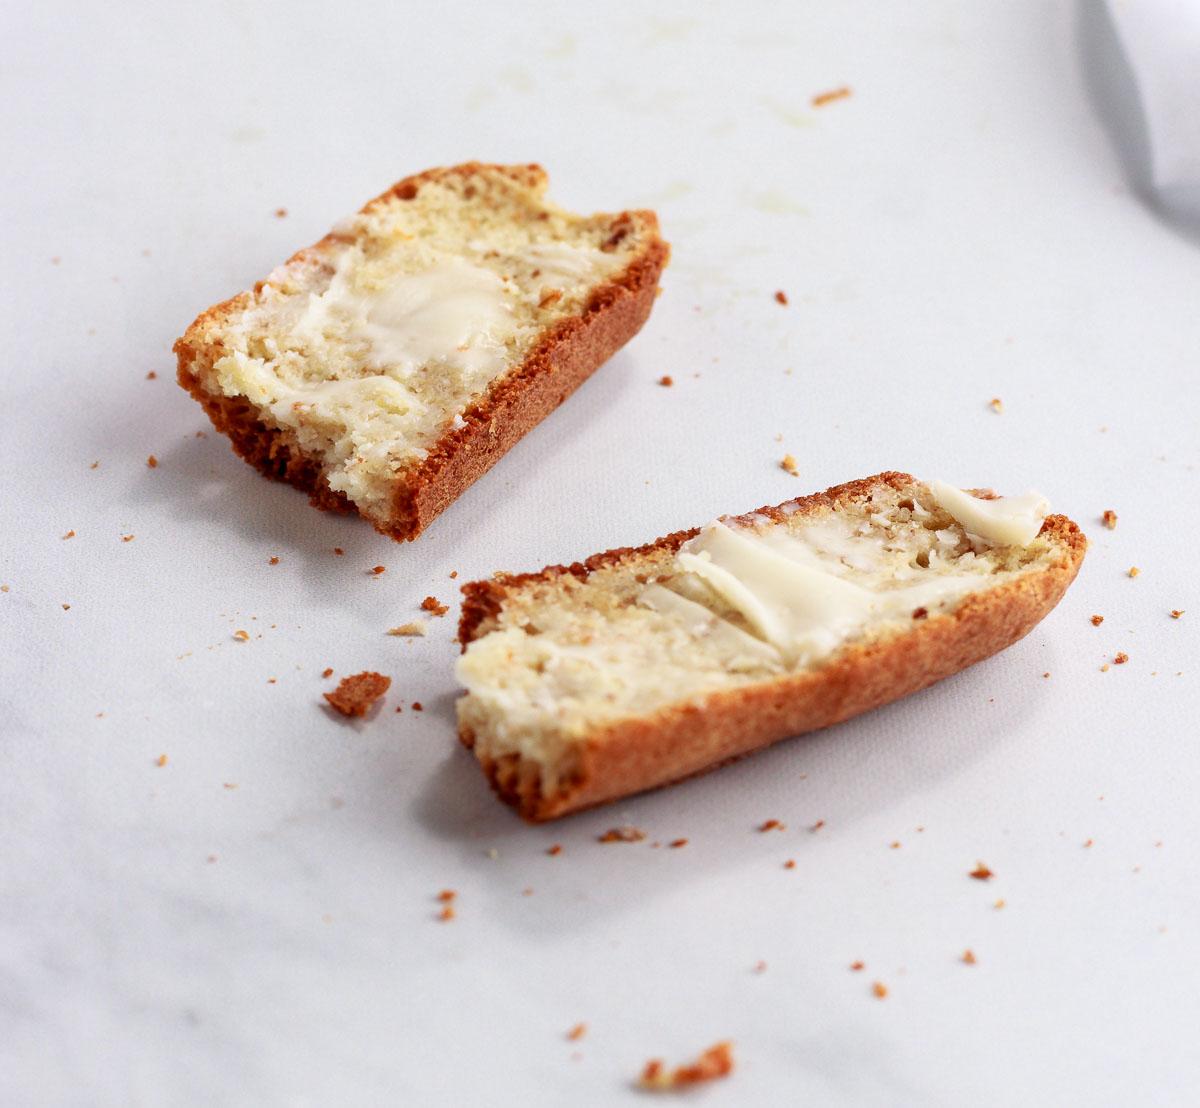 A slice of crusty bread broken into two pieces